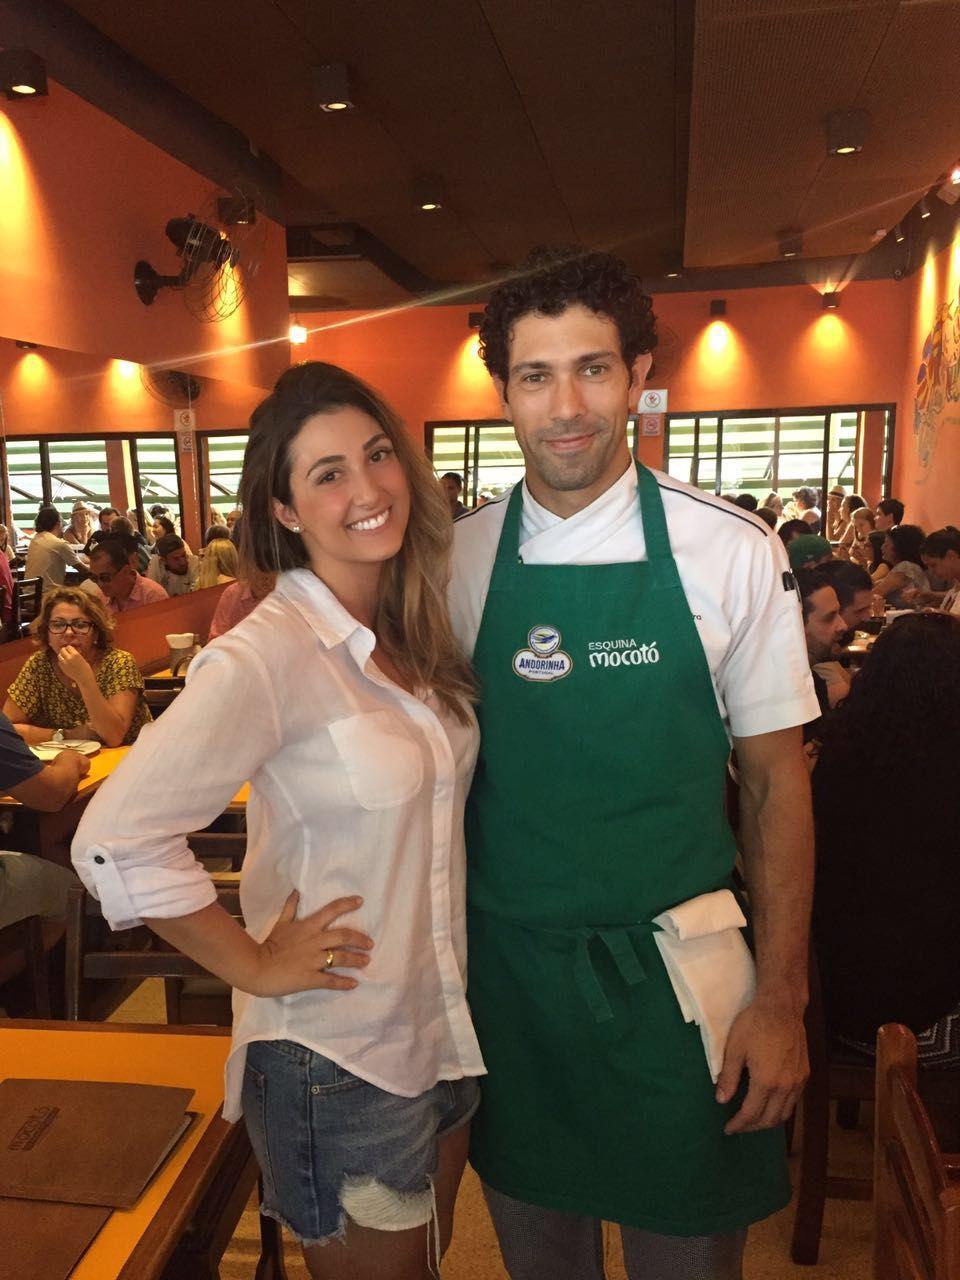 Já conhece o #restaurante do melhor #chef do Brasil? Se ainda não, corre lá pro blog pra saber tudo sobre o Mocotó Bar e Restaurante do chef Rodrigo Oliveira!  AQUI >> http://bit.ly/29O8Hr9  #lelegordinha #mocoto #foodporn #yummy